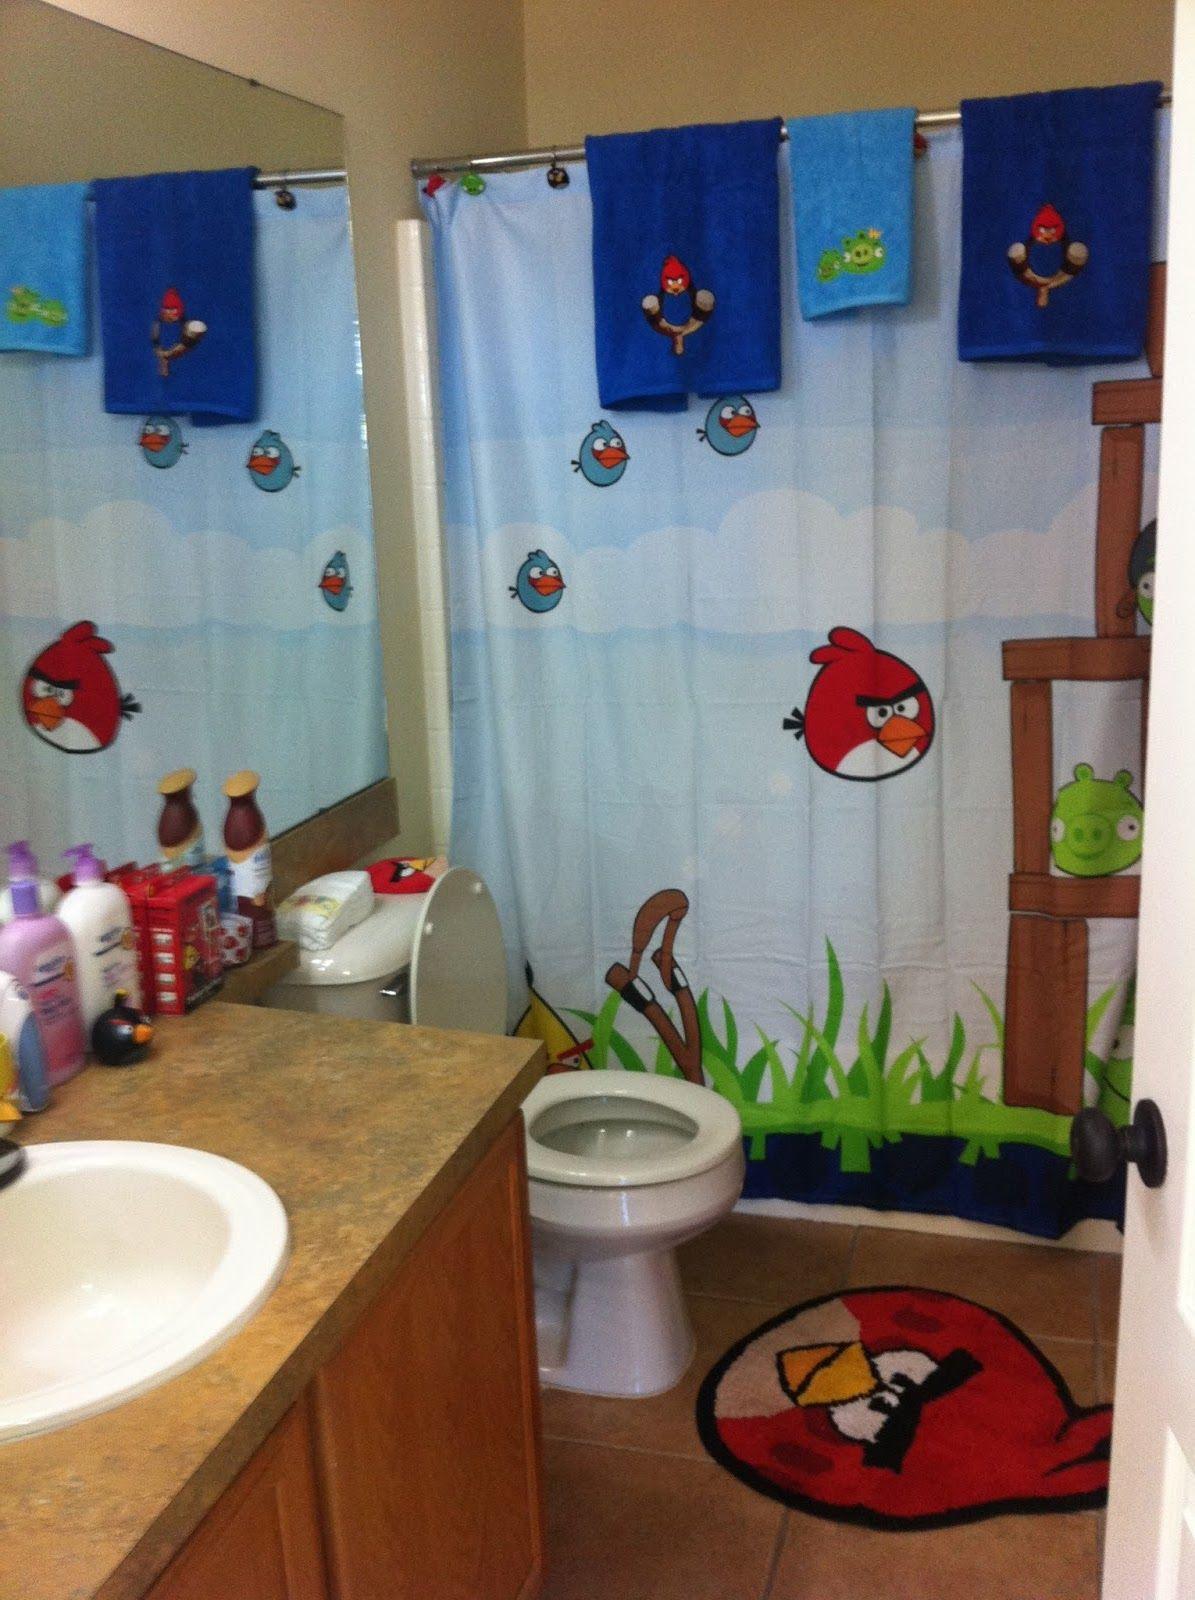 Bird decor bathroom - The Boys Bathroom Angry Birds Bathroom Decor New House Ideas Pinterest Bathrooms Decor Masons And The O Jays